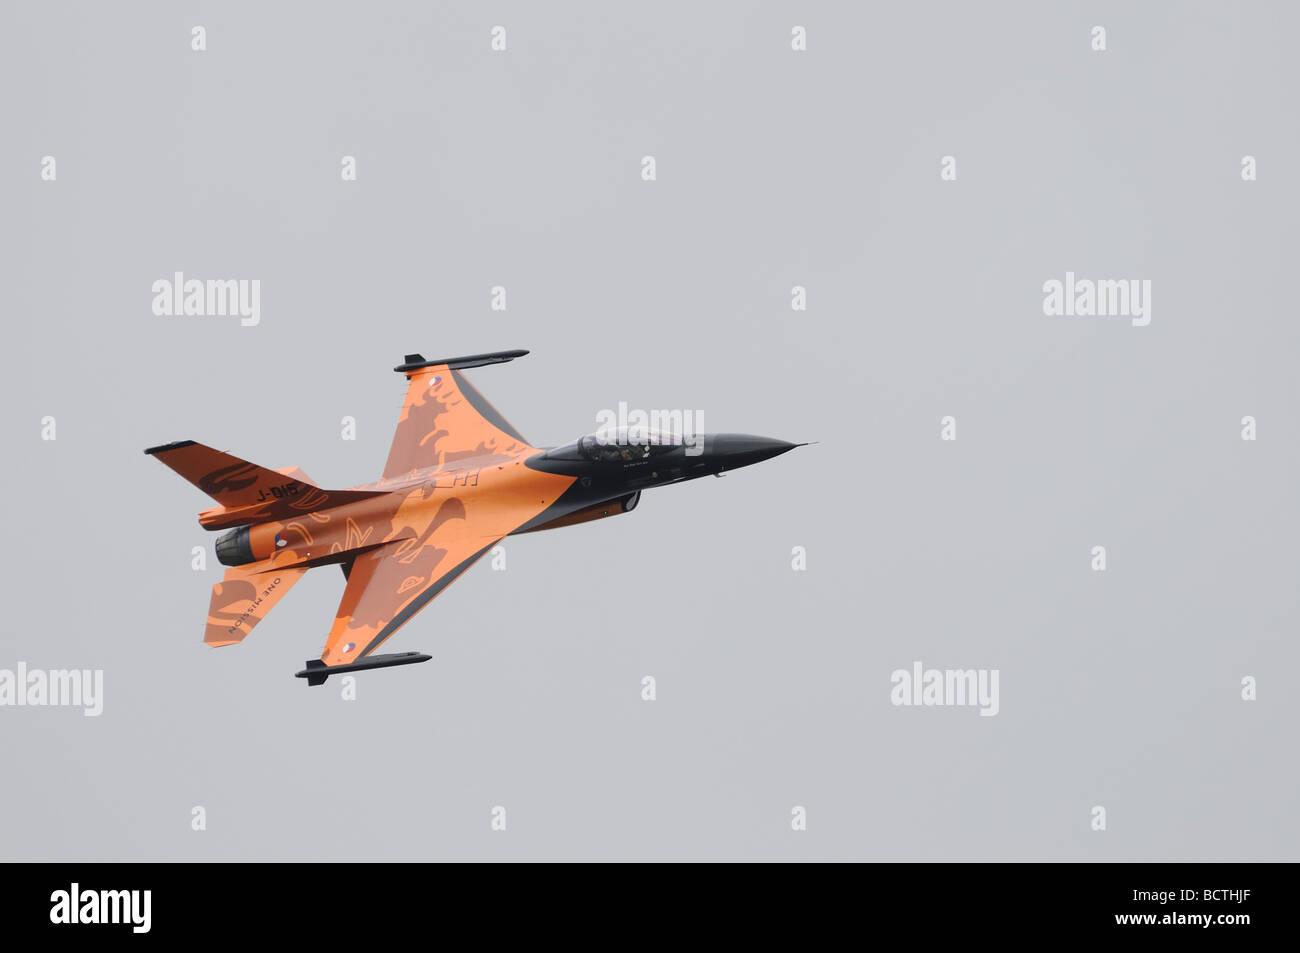 Royal Netherlands Air Force Koninklijke Luchtmacht  F-16 Fighter Jet in distinctive 'one mission' orange - Stock Image